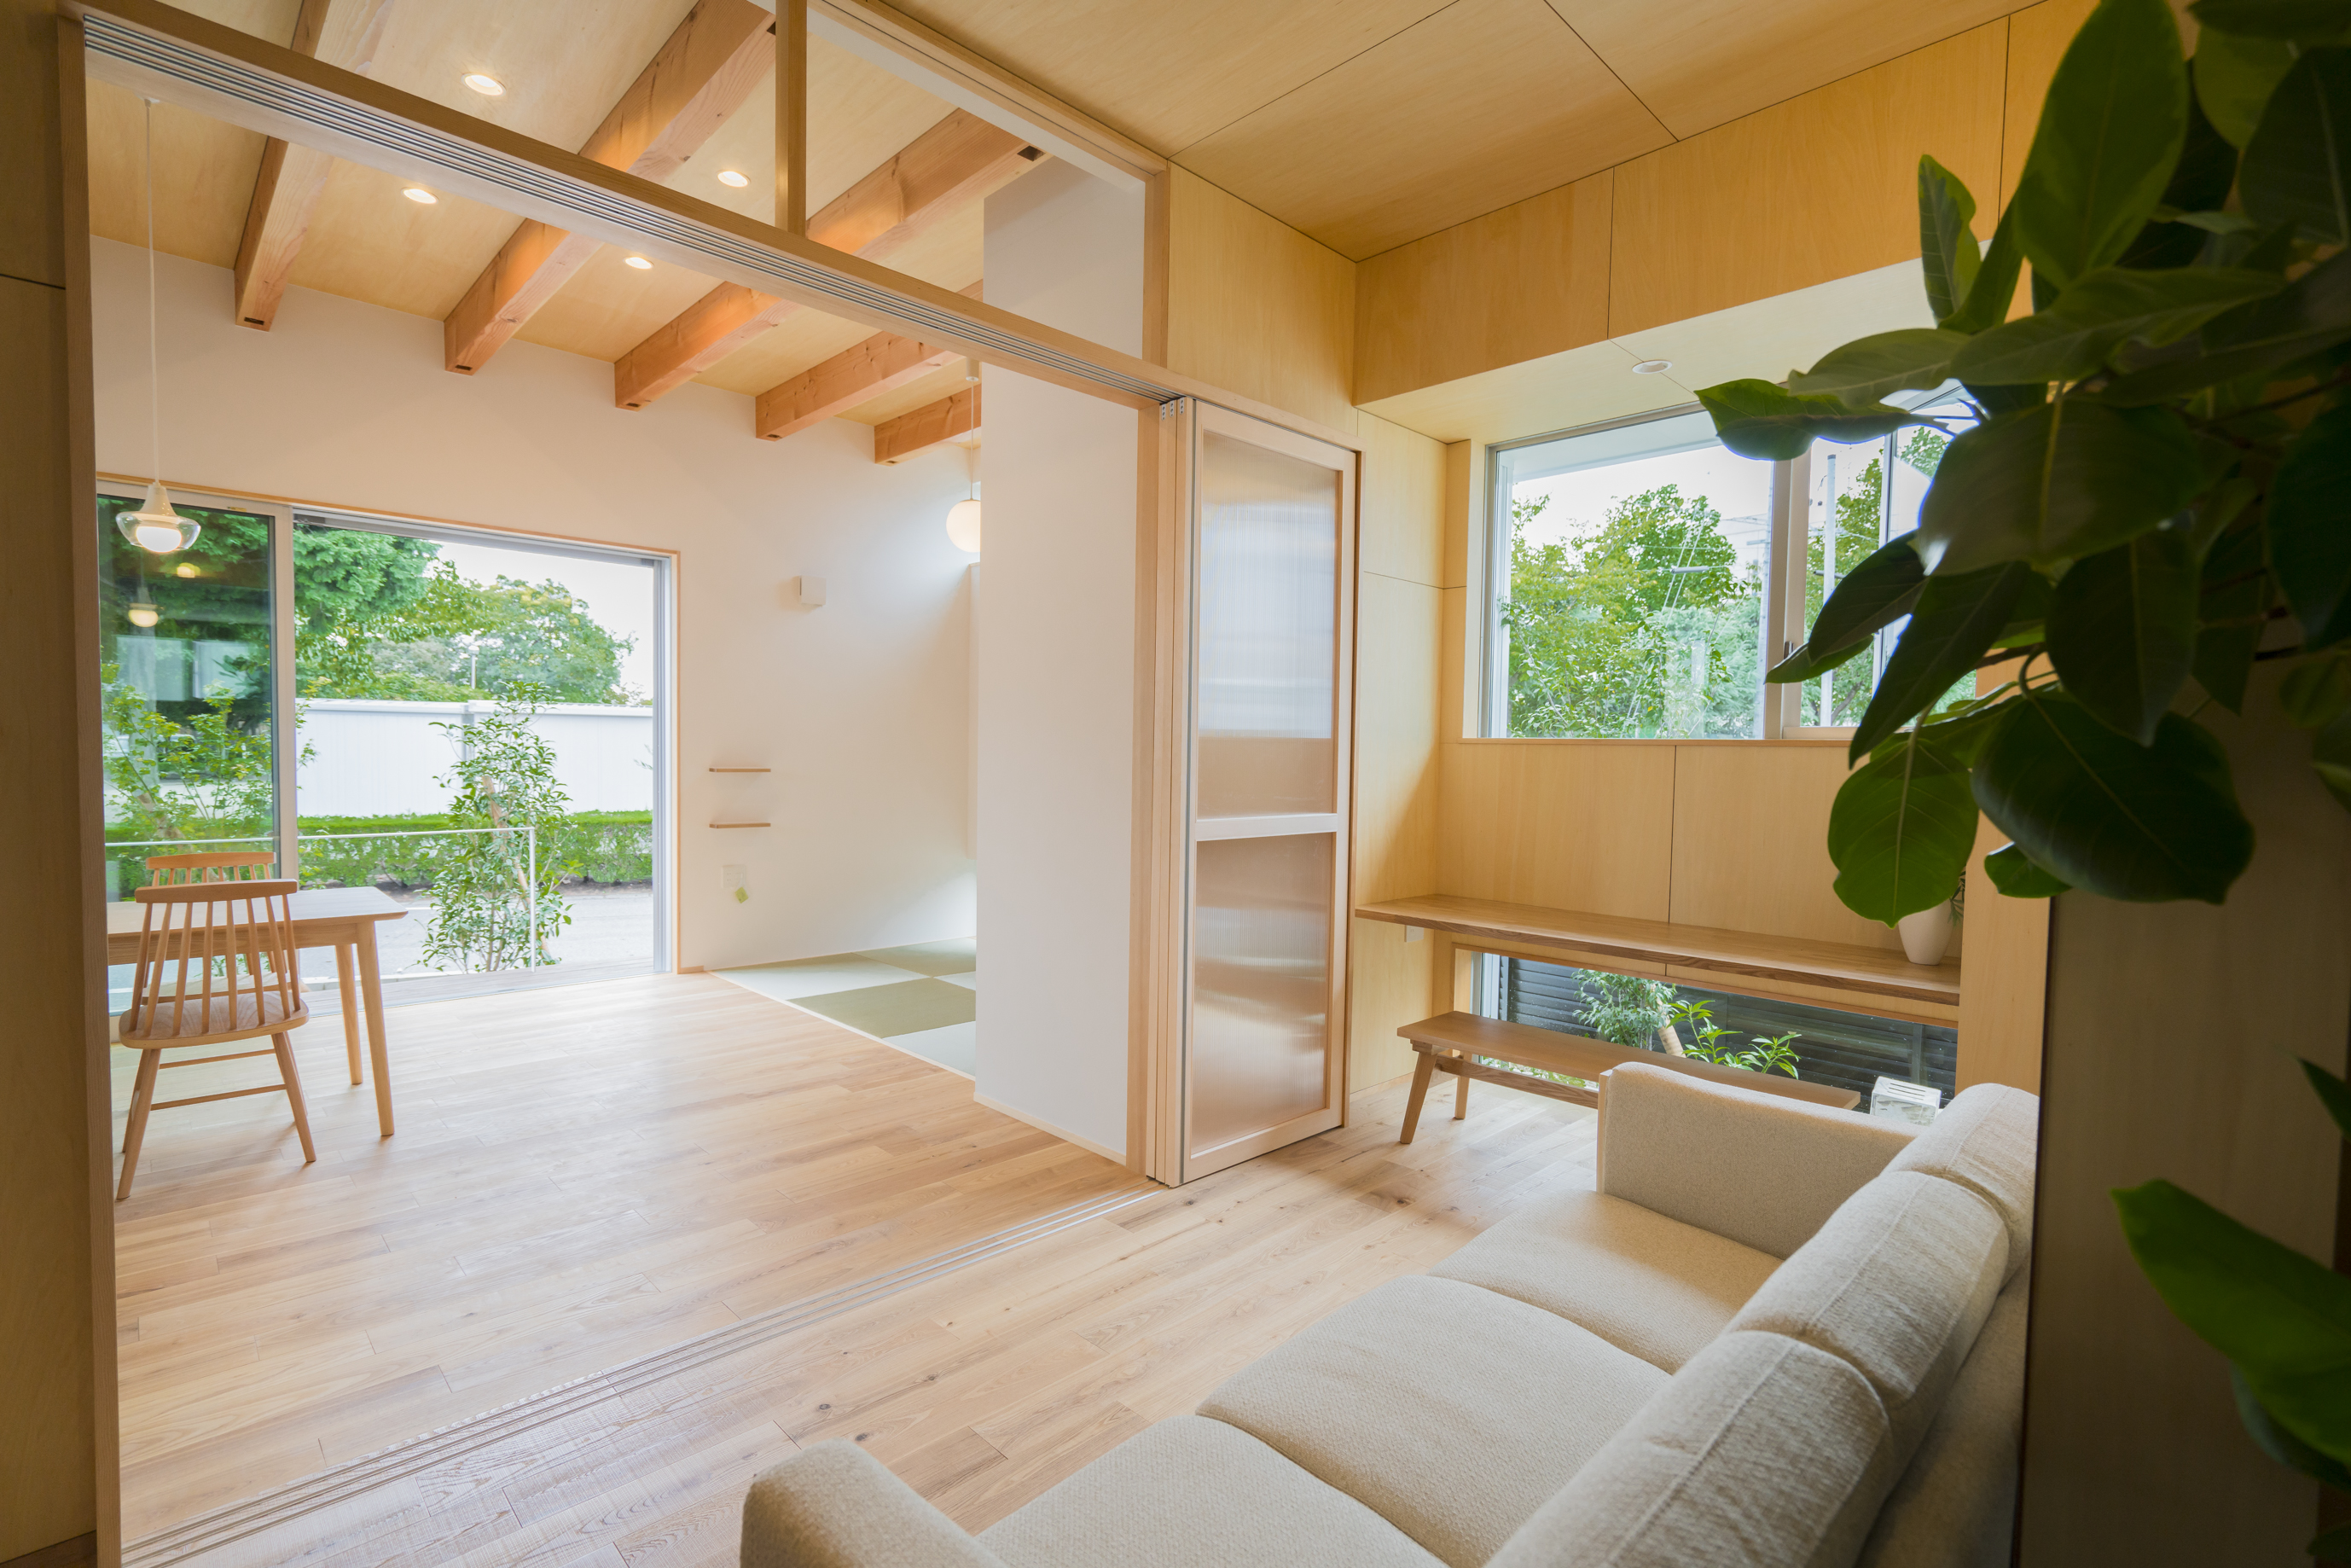 m+h(エムアンドエイチ)建築設計スタジオ【二世帯住宅、間取り、建築家】リビングにはワークスペースもあり、ダイニングの様子がいつでも分かる